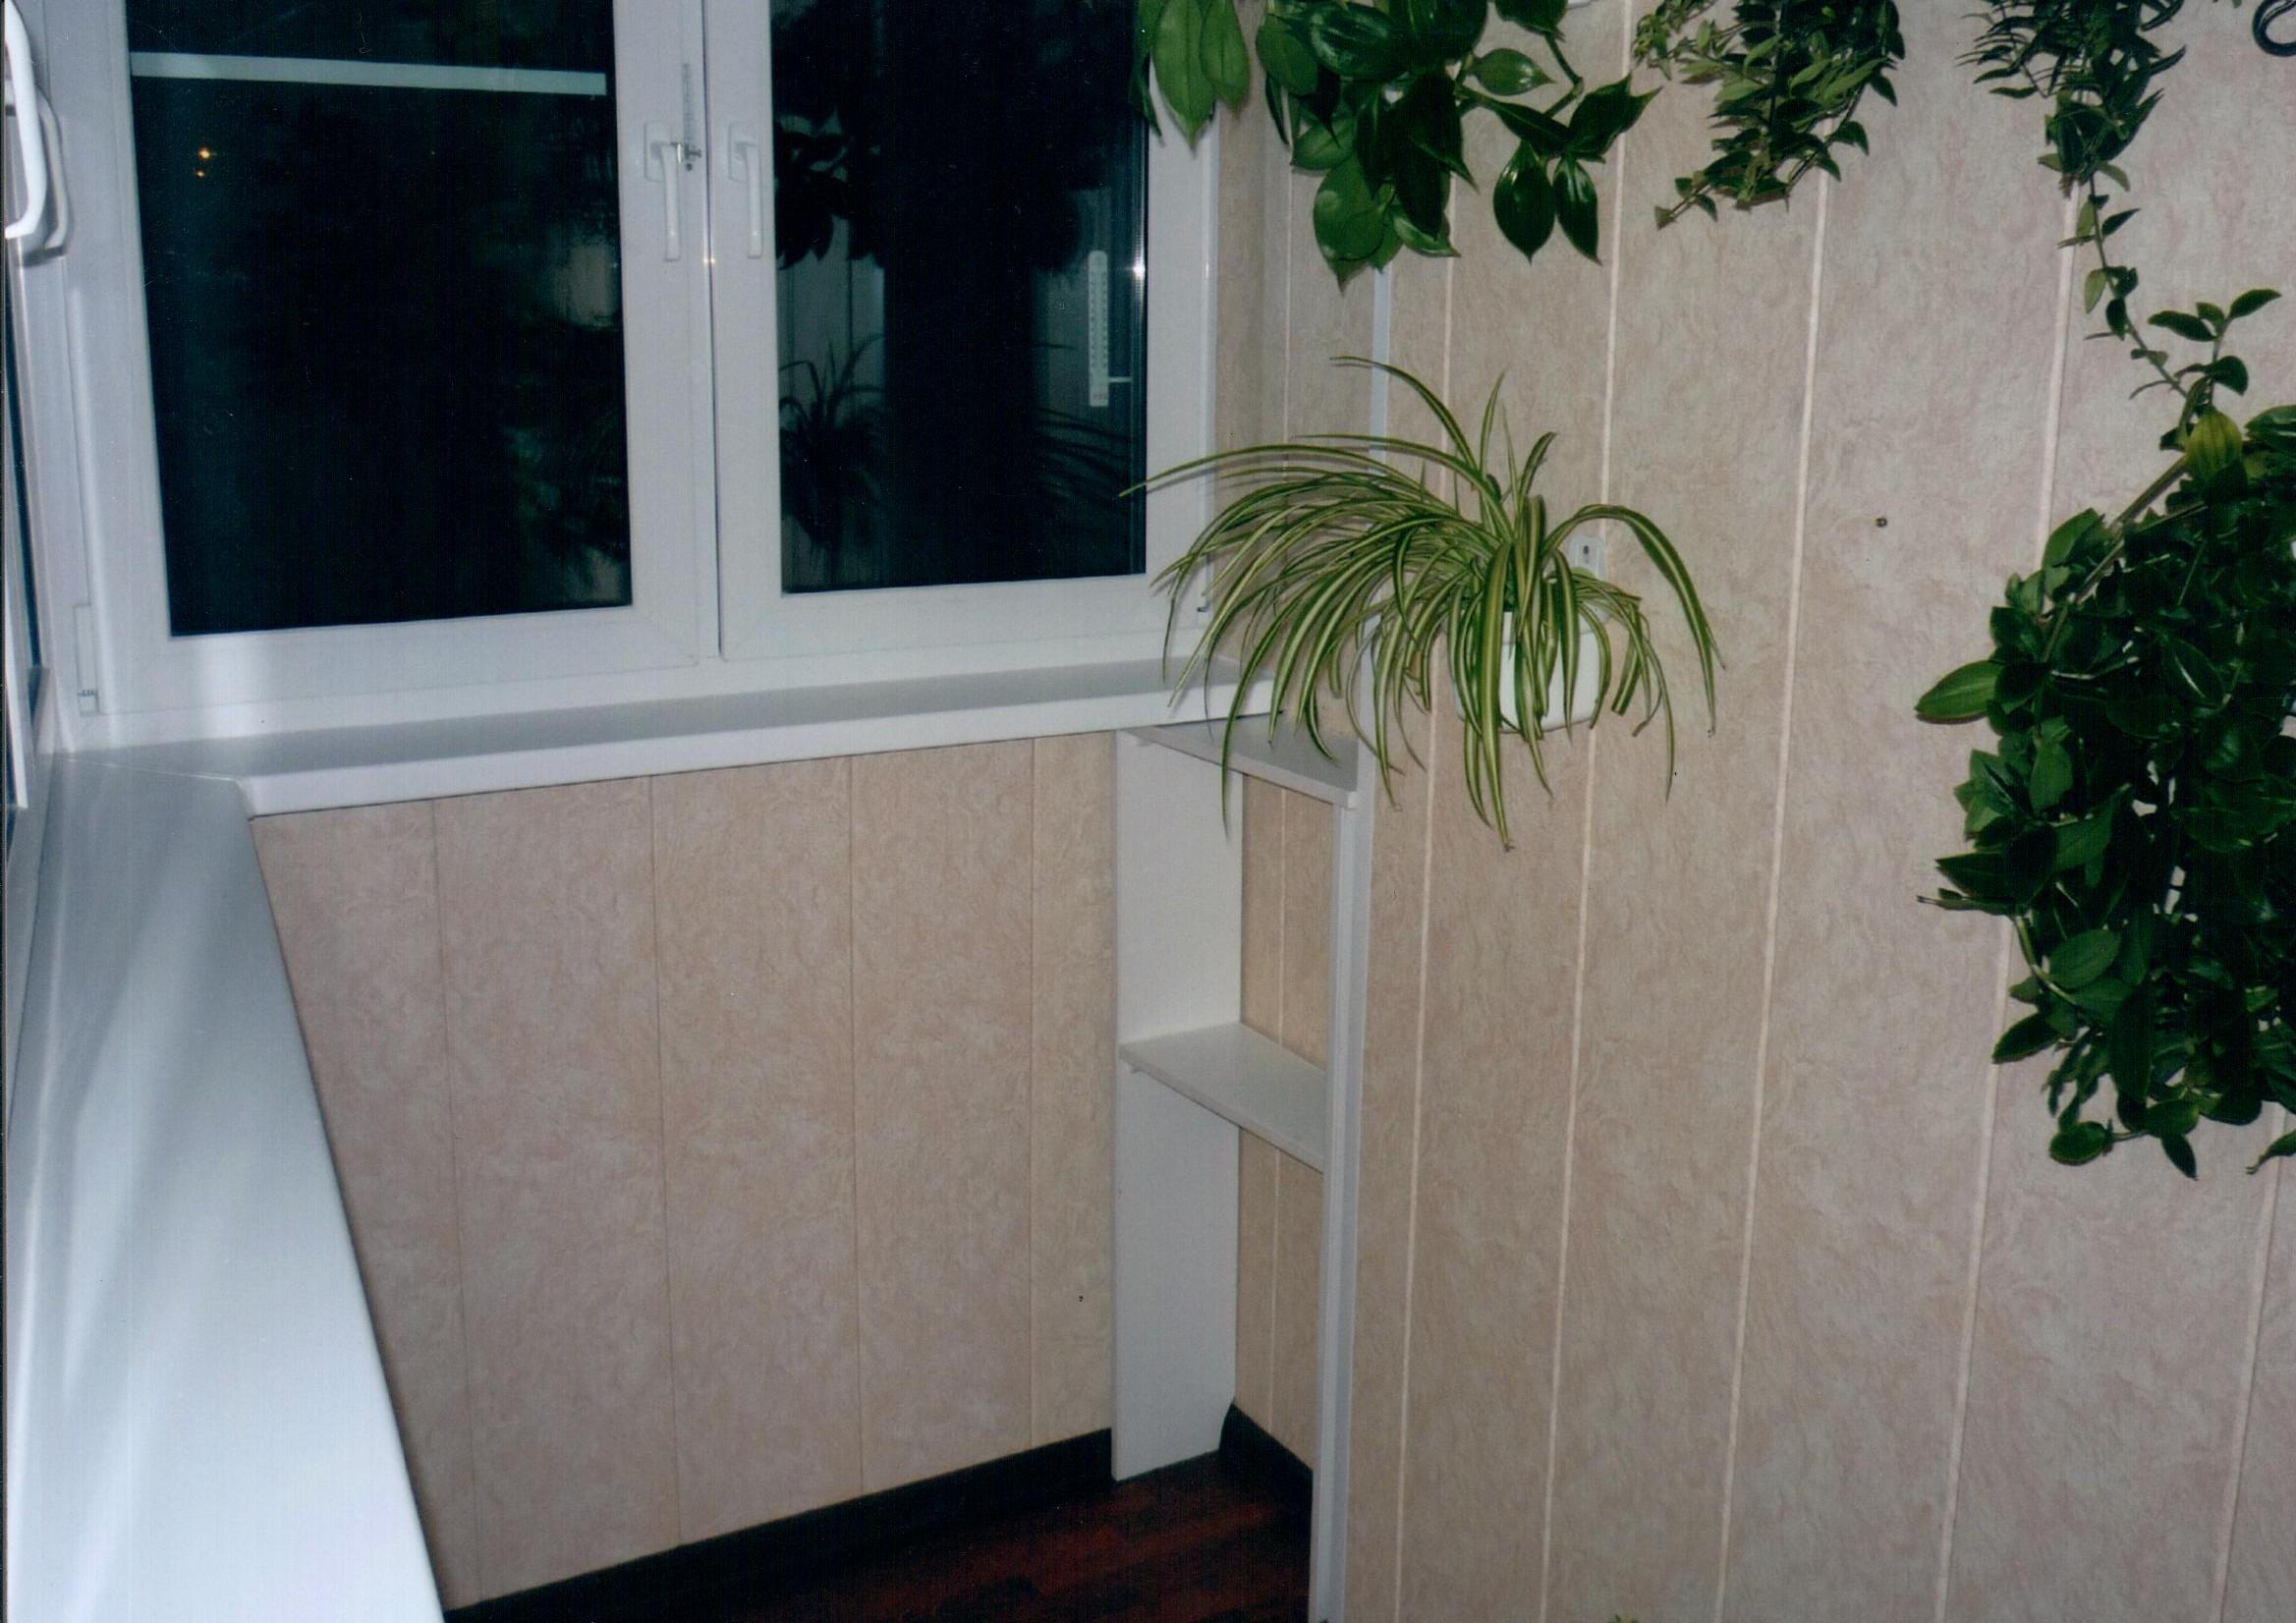 Зимний сад на лоджии, балконе - обсуждение - сообщество потр.